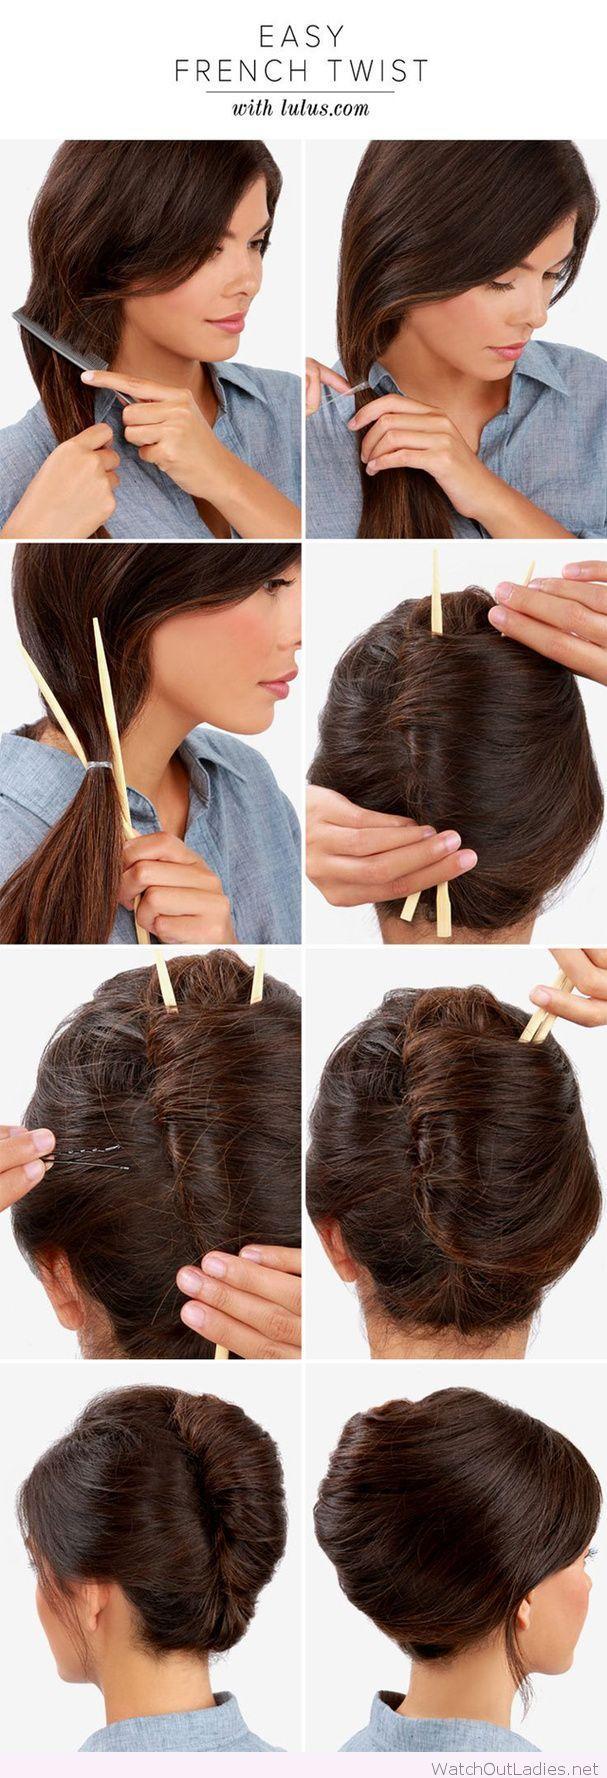 wow hair 1-10hair-infograff-nr-3 | hair treatment | pinterest